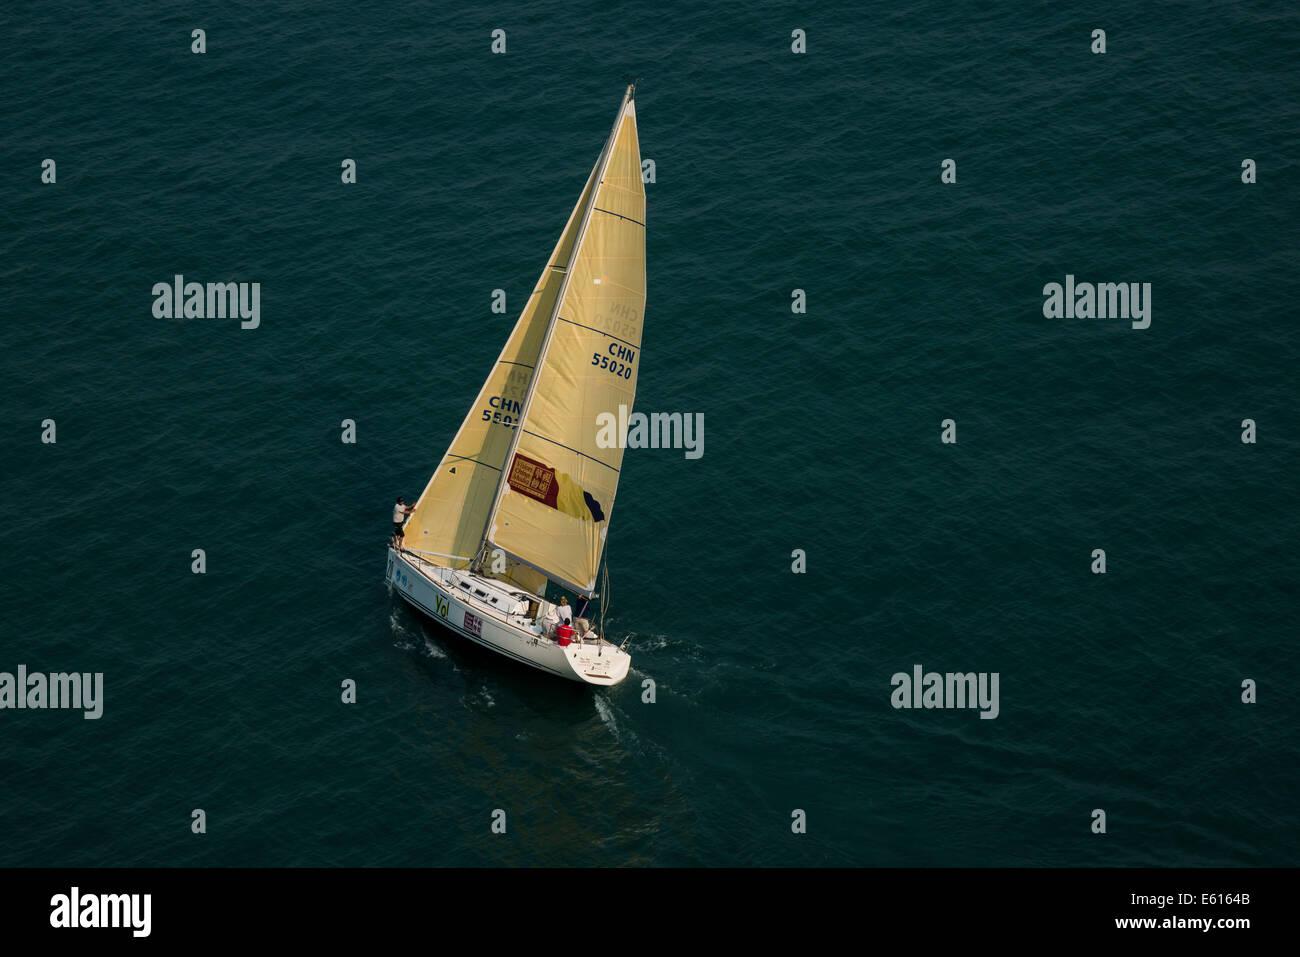 Segelboot, Hong Kong, China - Stock Image